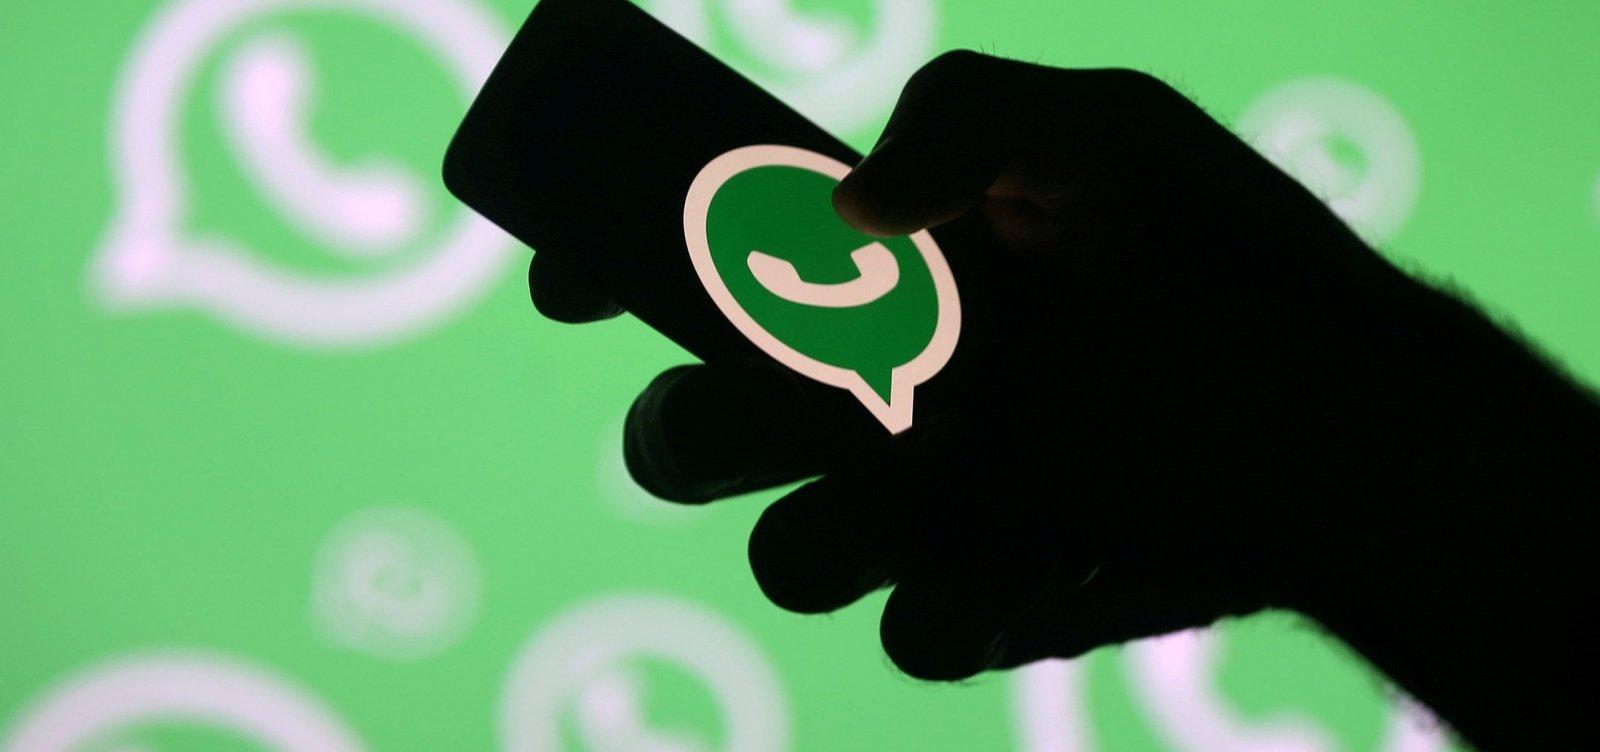 [WhatsApp: mais de 450 mil brasileiros tiveram o aplicativo clonado em outubro]